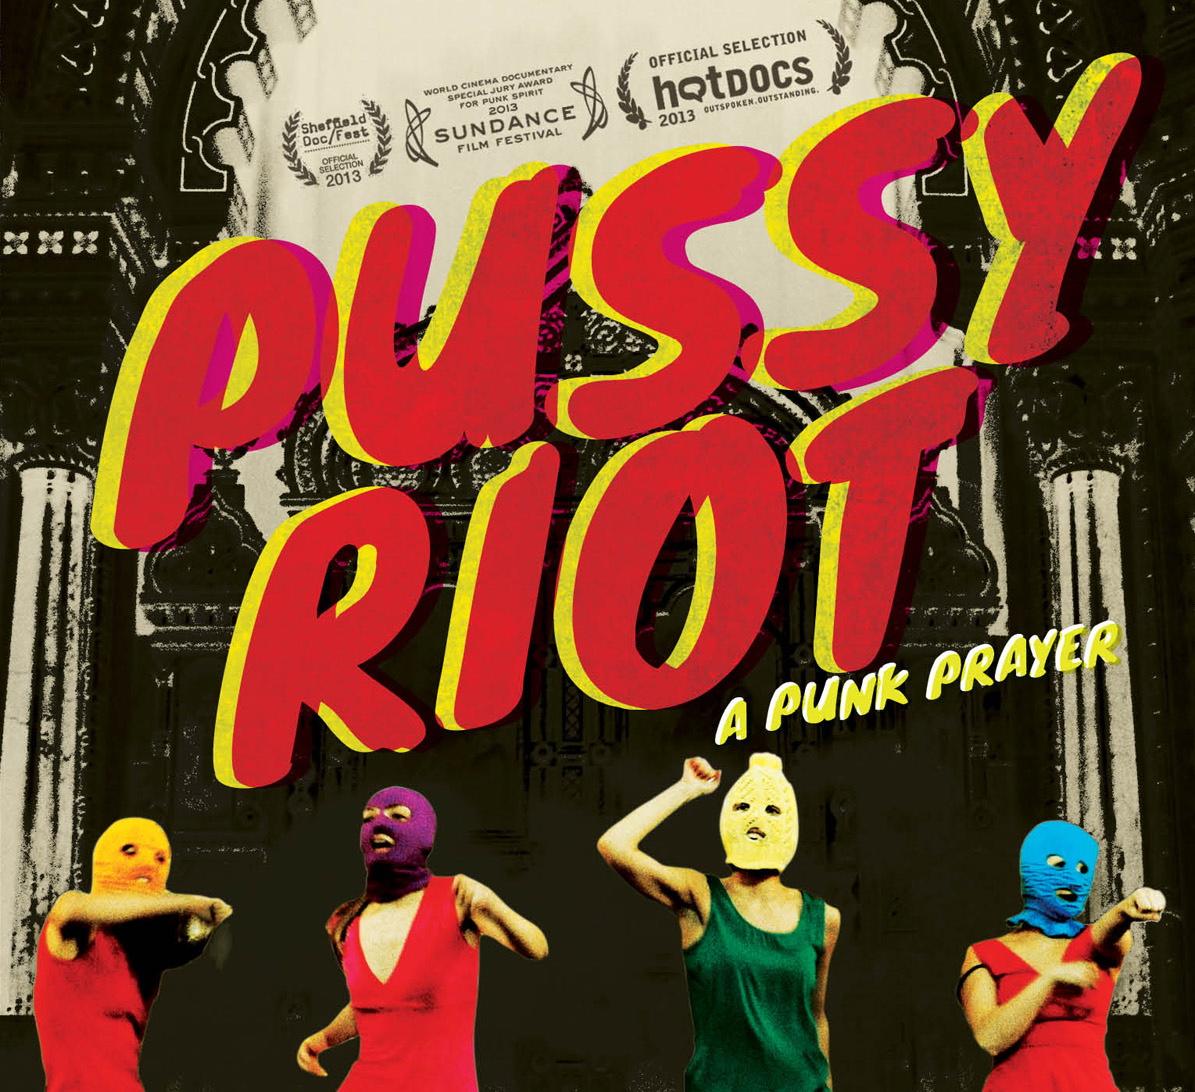 Pussy pic album